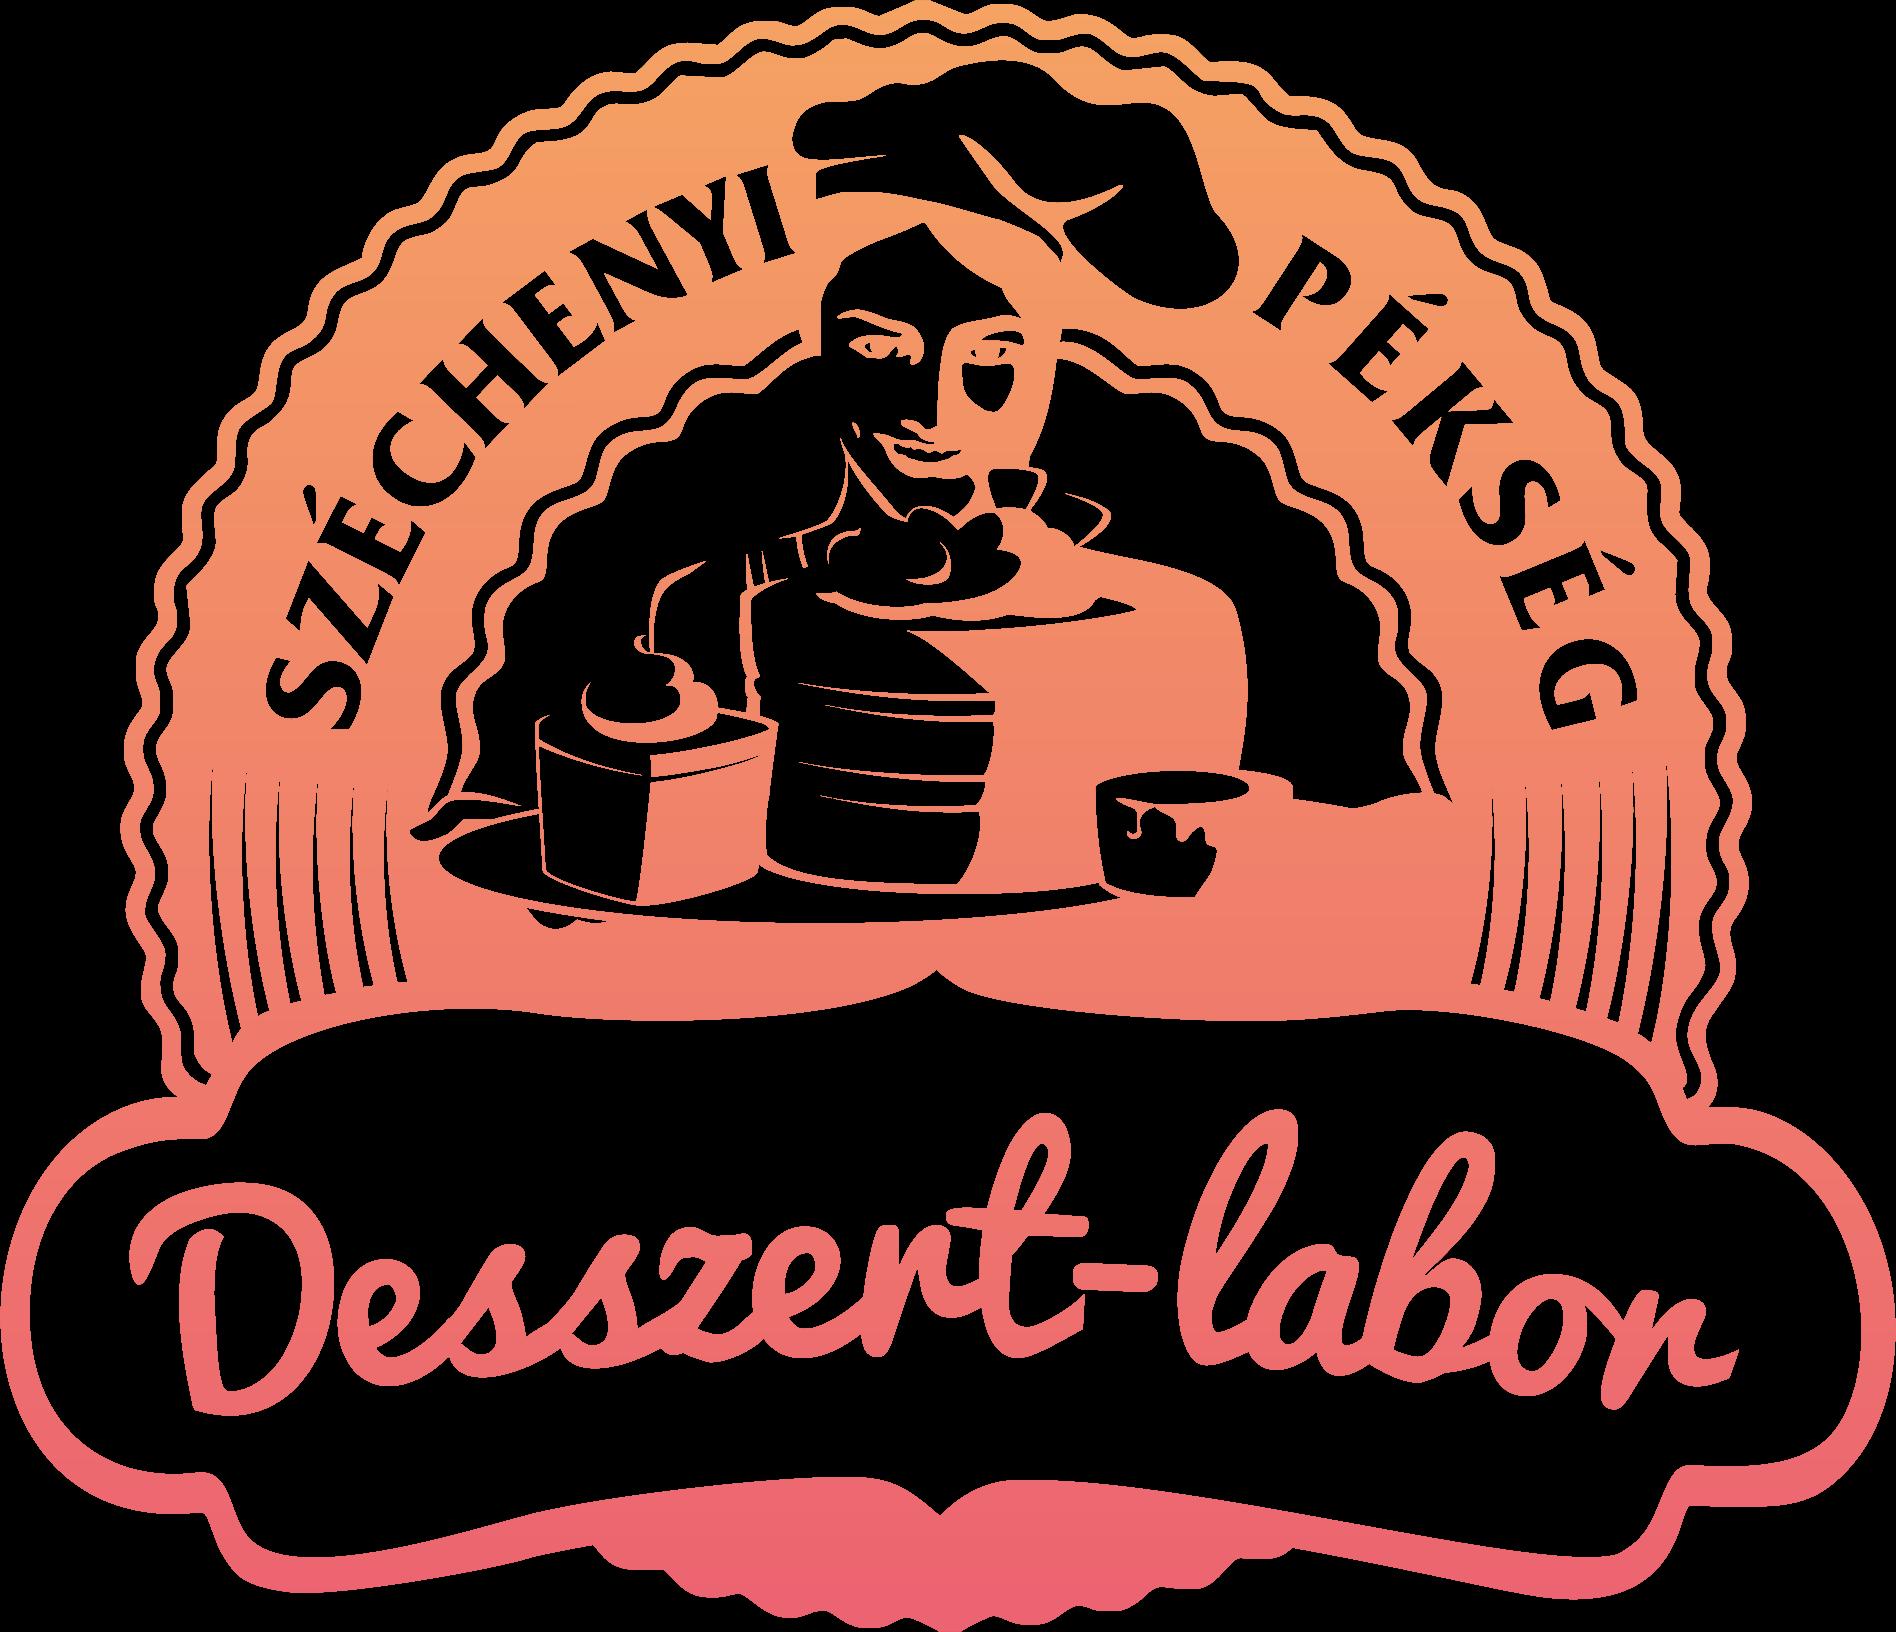 Desszert-labor